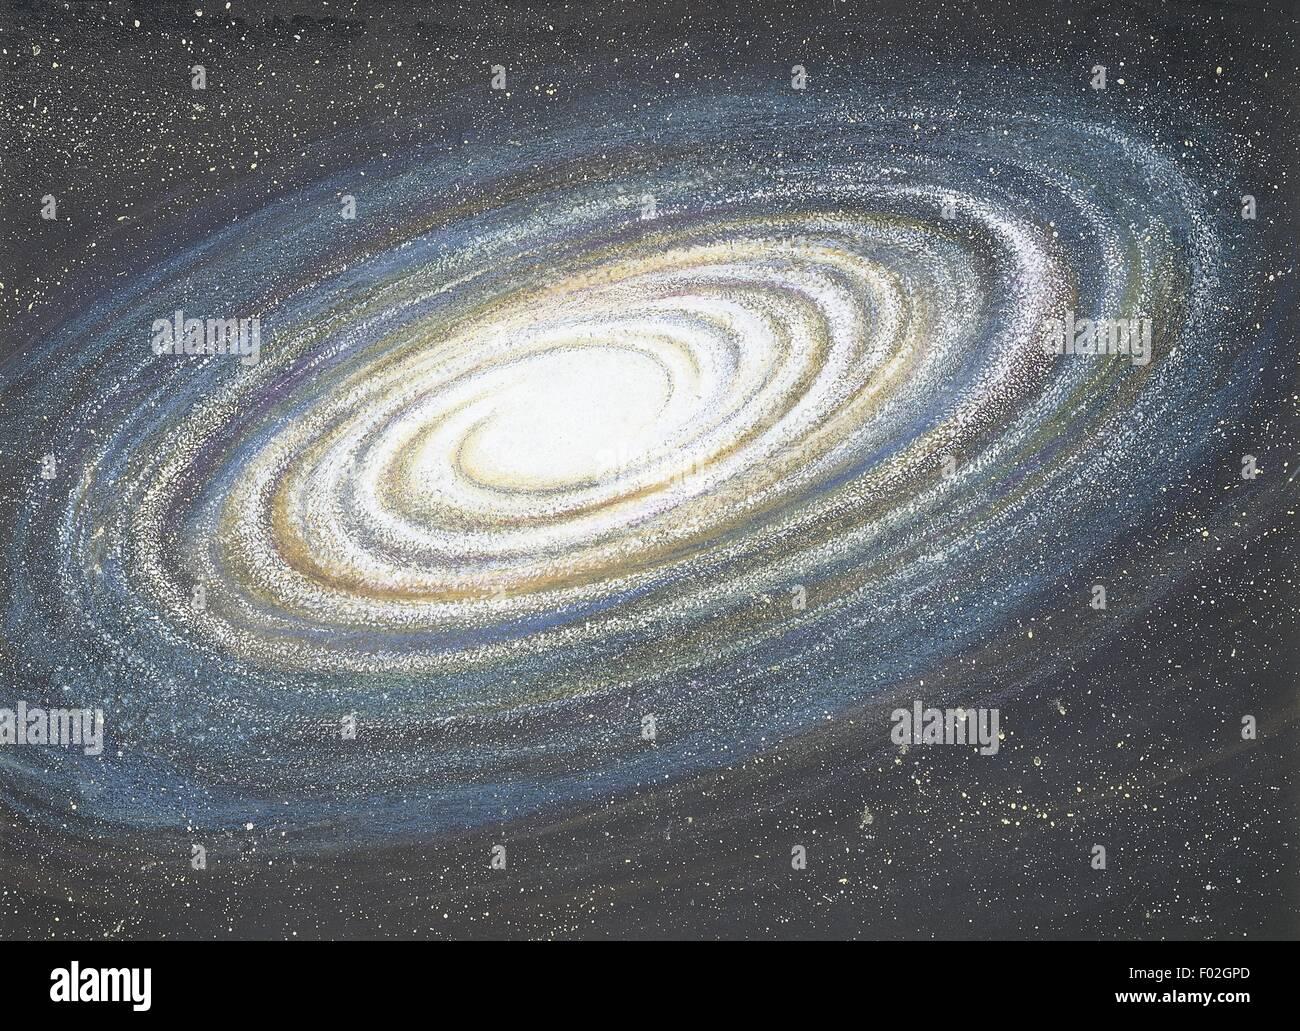 Astronomia - galassia a spirale, illustrazione Immagini Stock